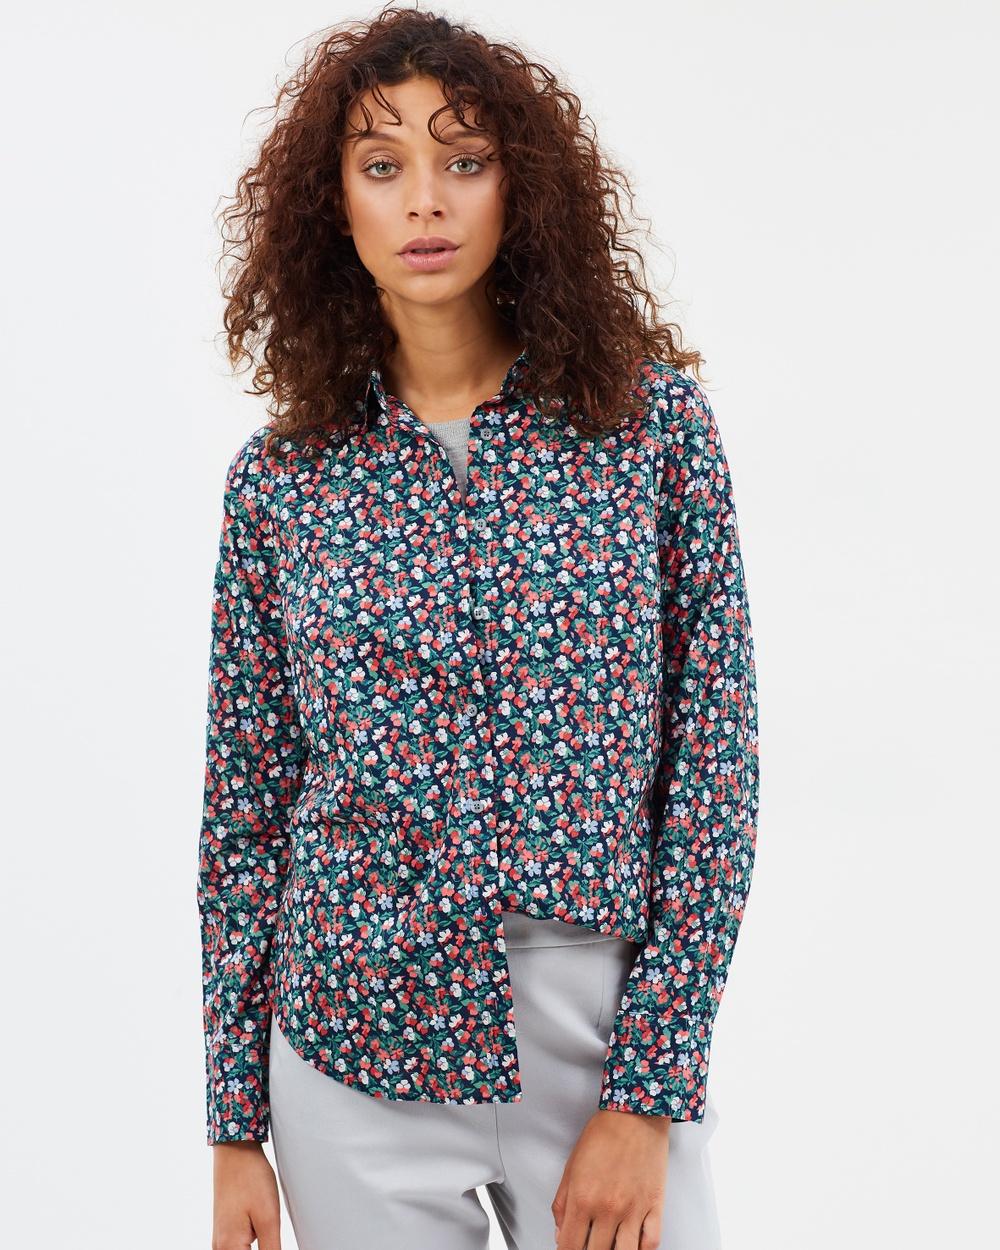 J.Crew Perfect Shirt in Liberty® Sarah Tops Navy Poppy Perfect Shirt in Liberty® Sarah